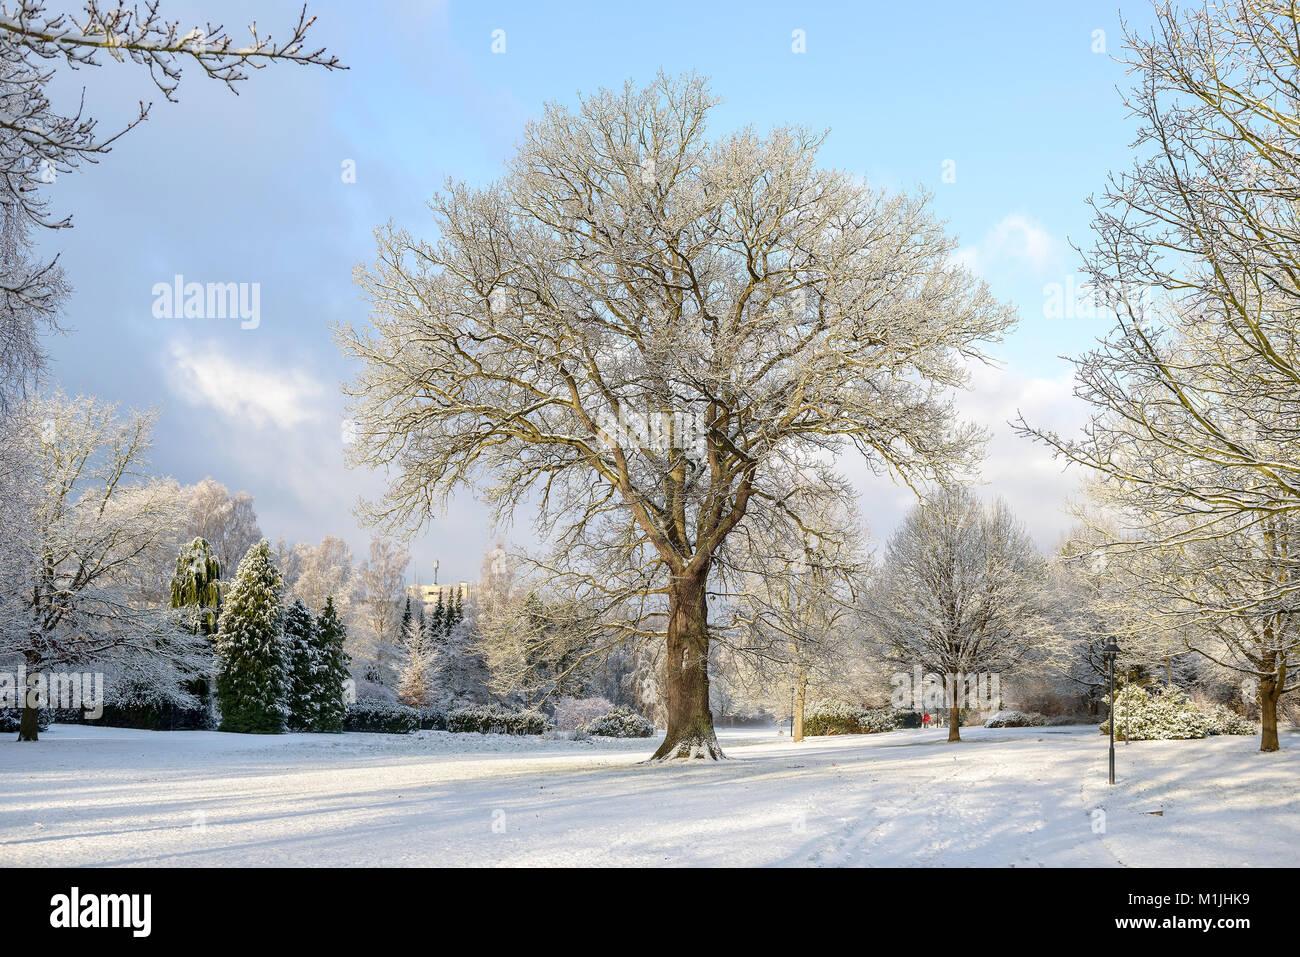 Pedunculate oak (Quercus robur), Stiel-Eiche (Quercus robur) - Stock Image